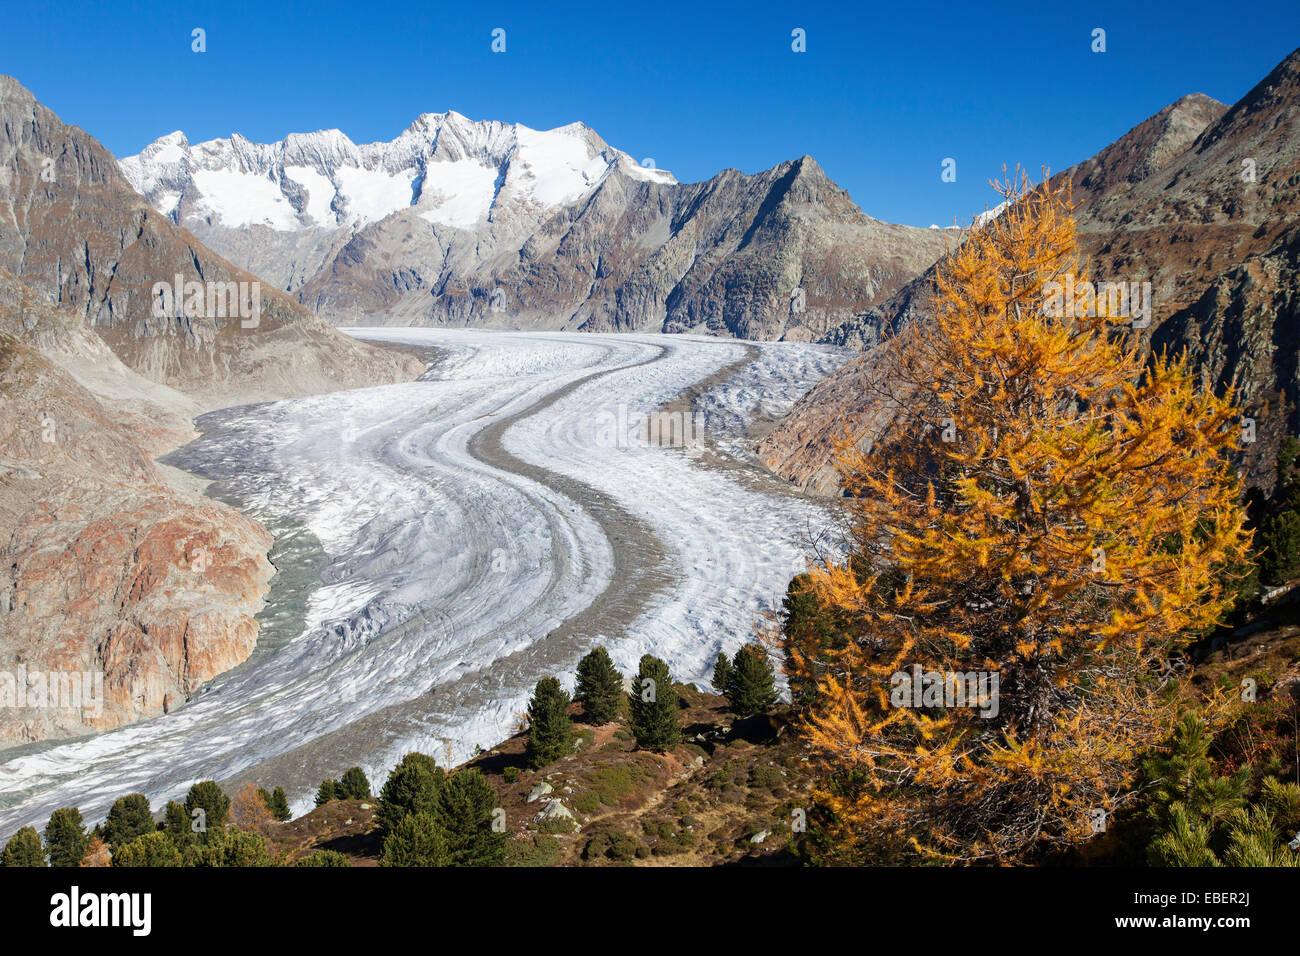 Aletsch Glacier, Switzerland - Stock Image